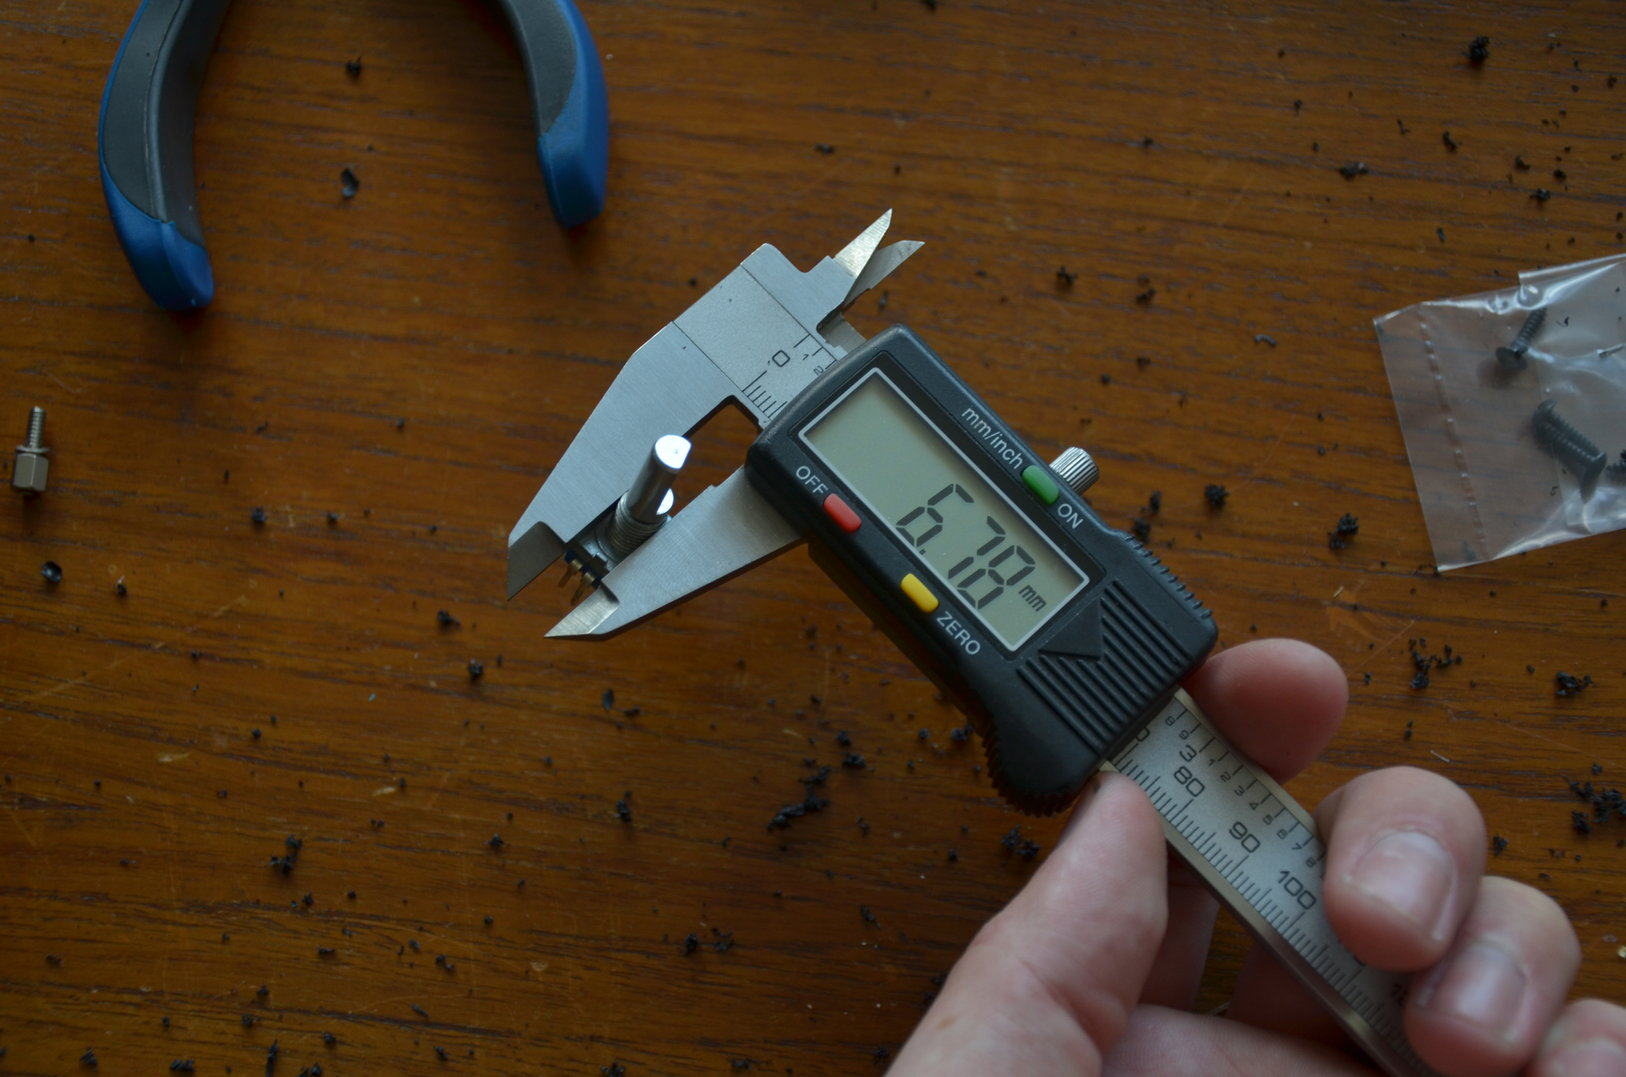 The rotary knob needs a 7 mm hole